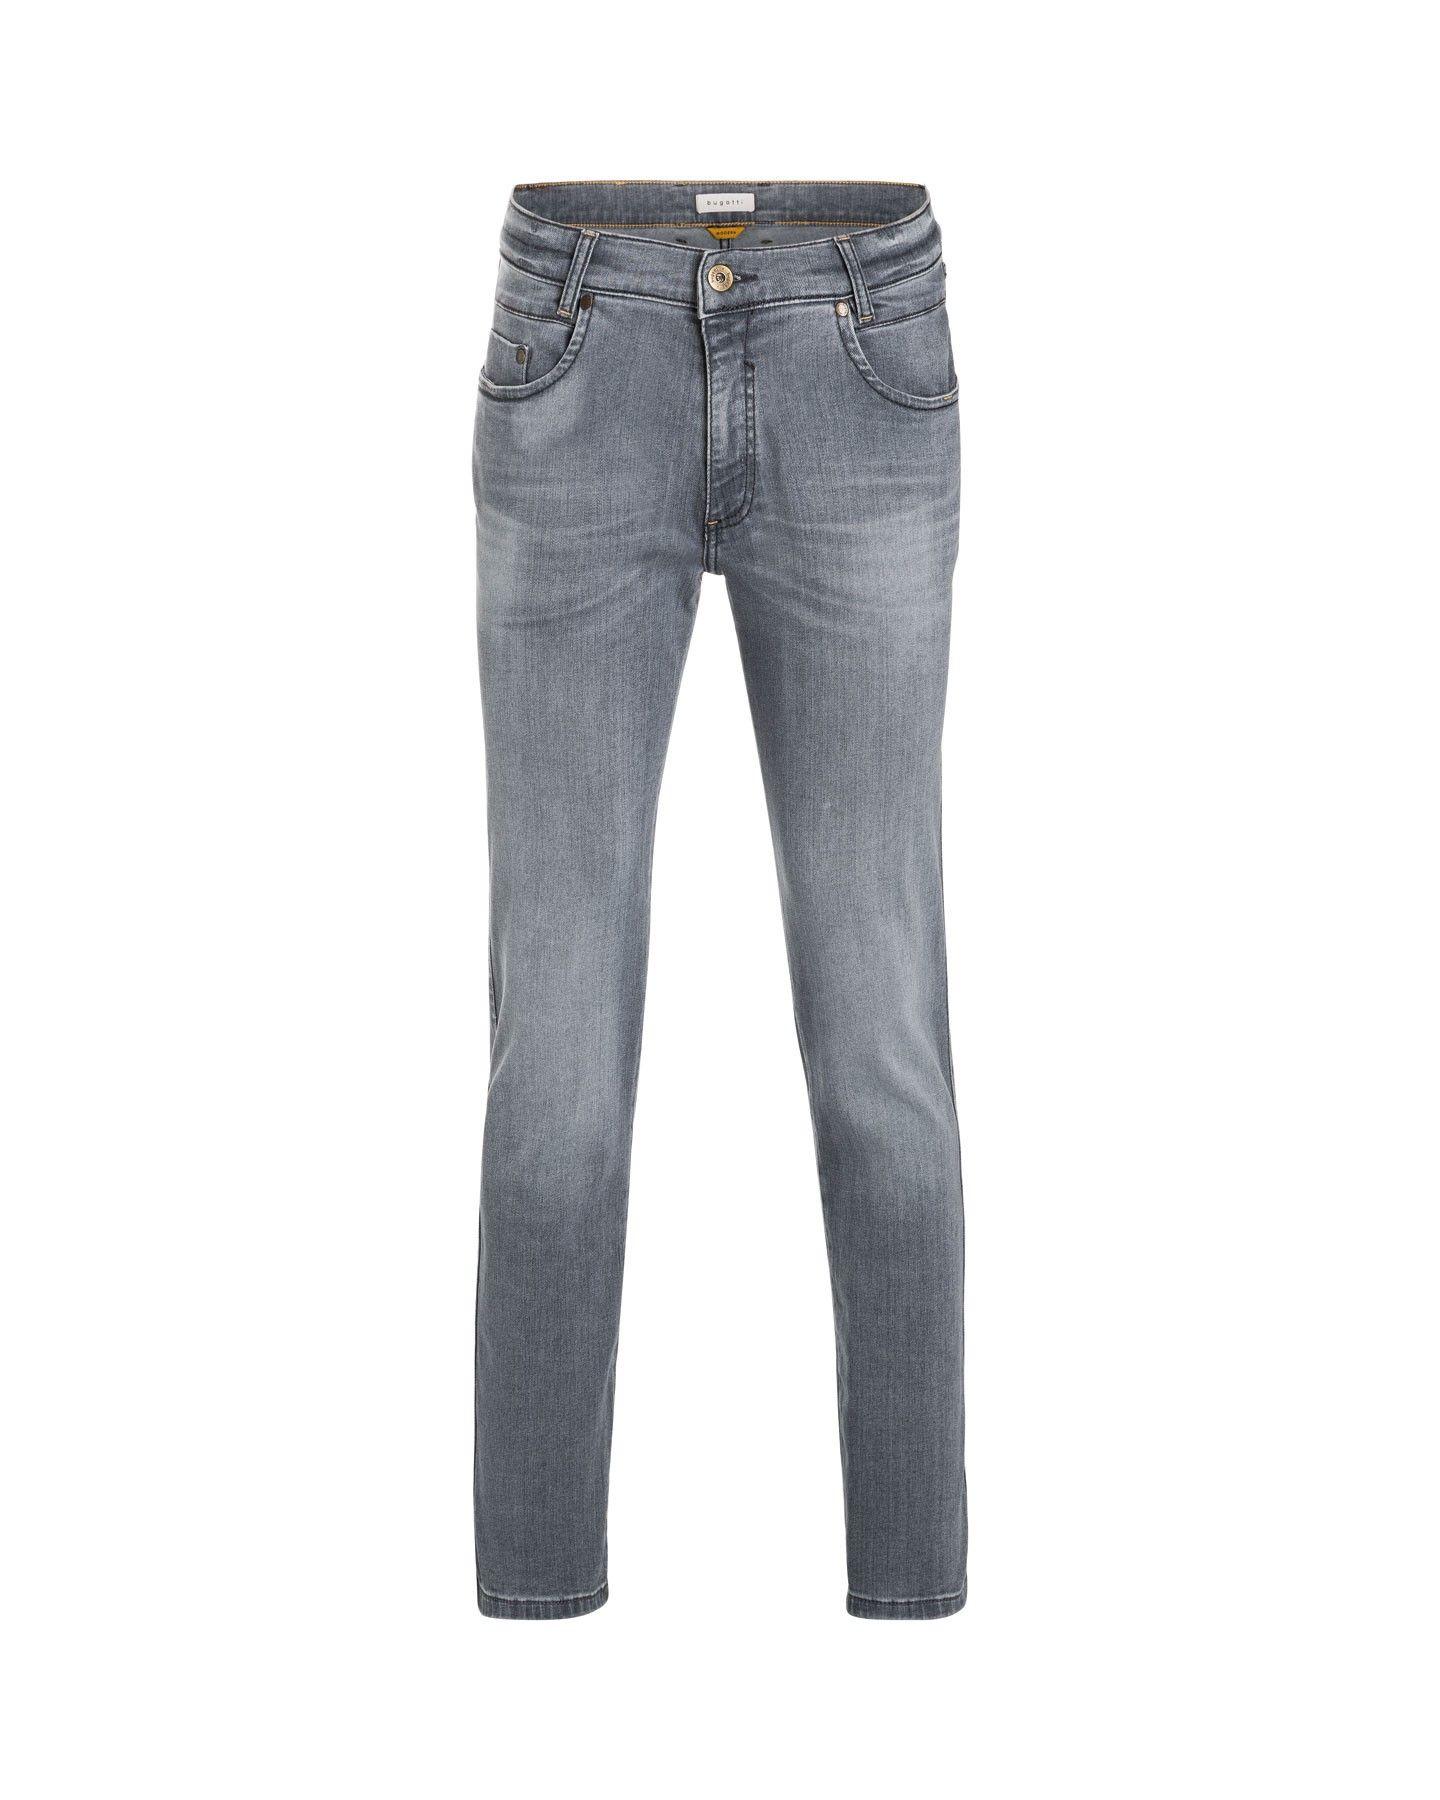 Bugatti - Herren Jeans in verschiedenen Farben - Modern Fit (Art. Nr.:3269D-16670) – Bild 1